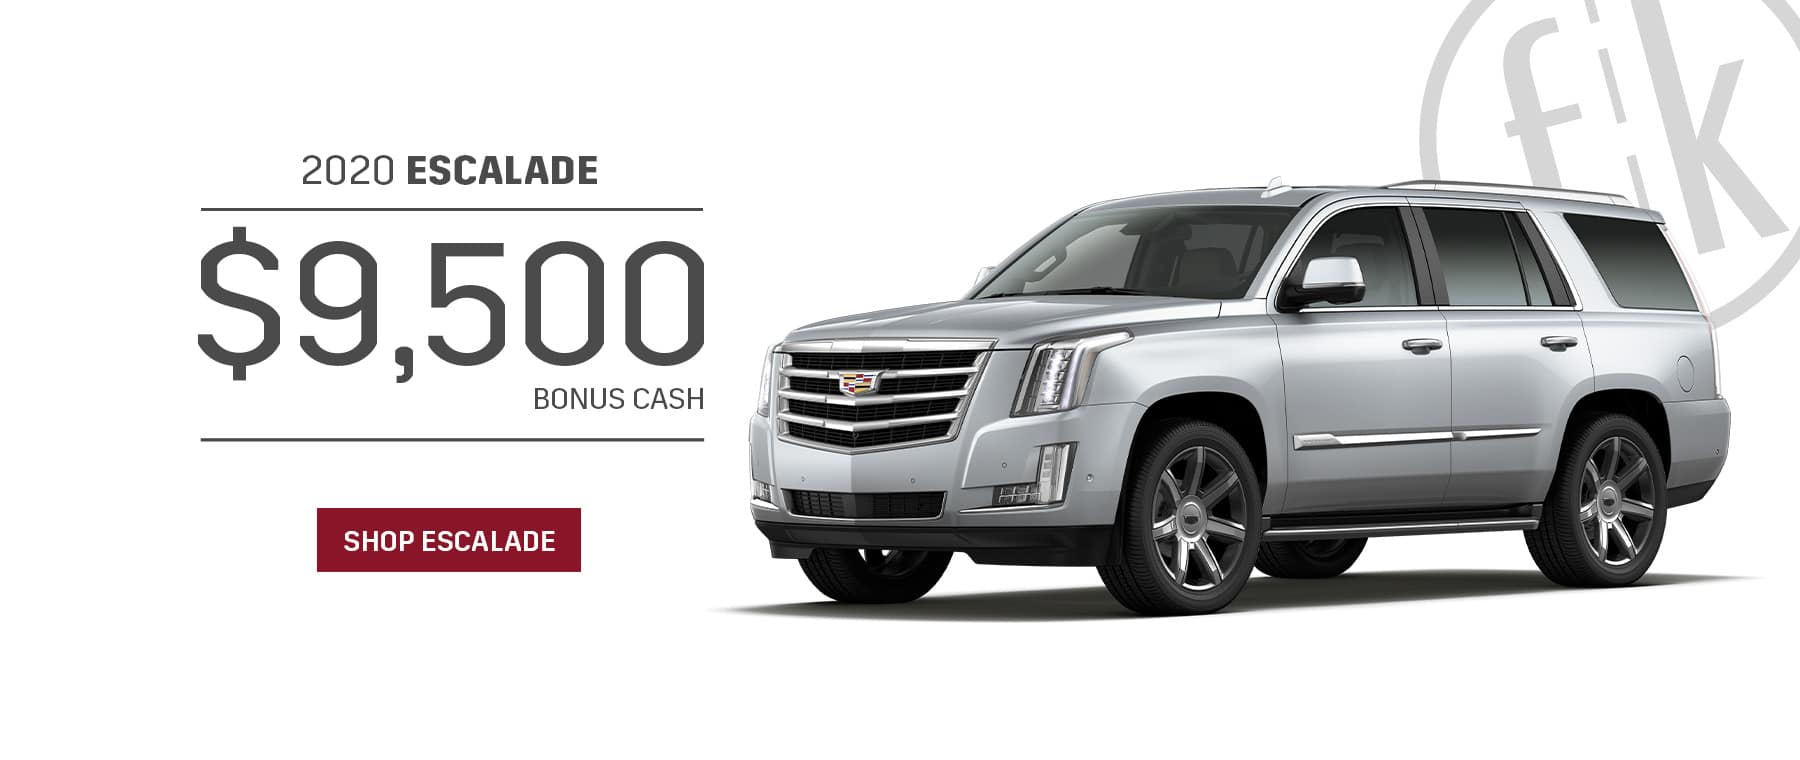 $9,500 Bonus Cash 2020 Escalade